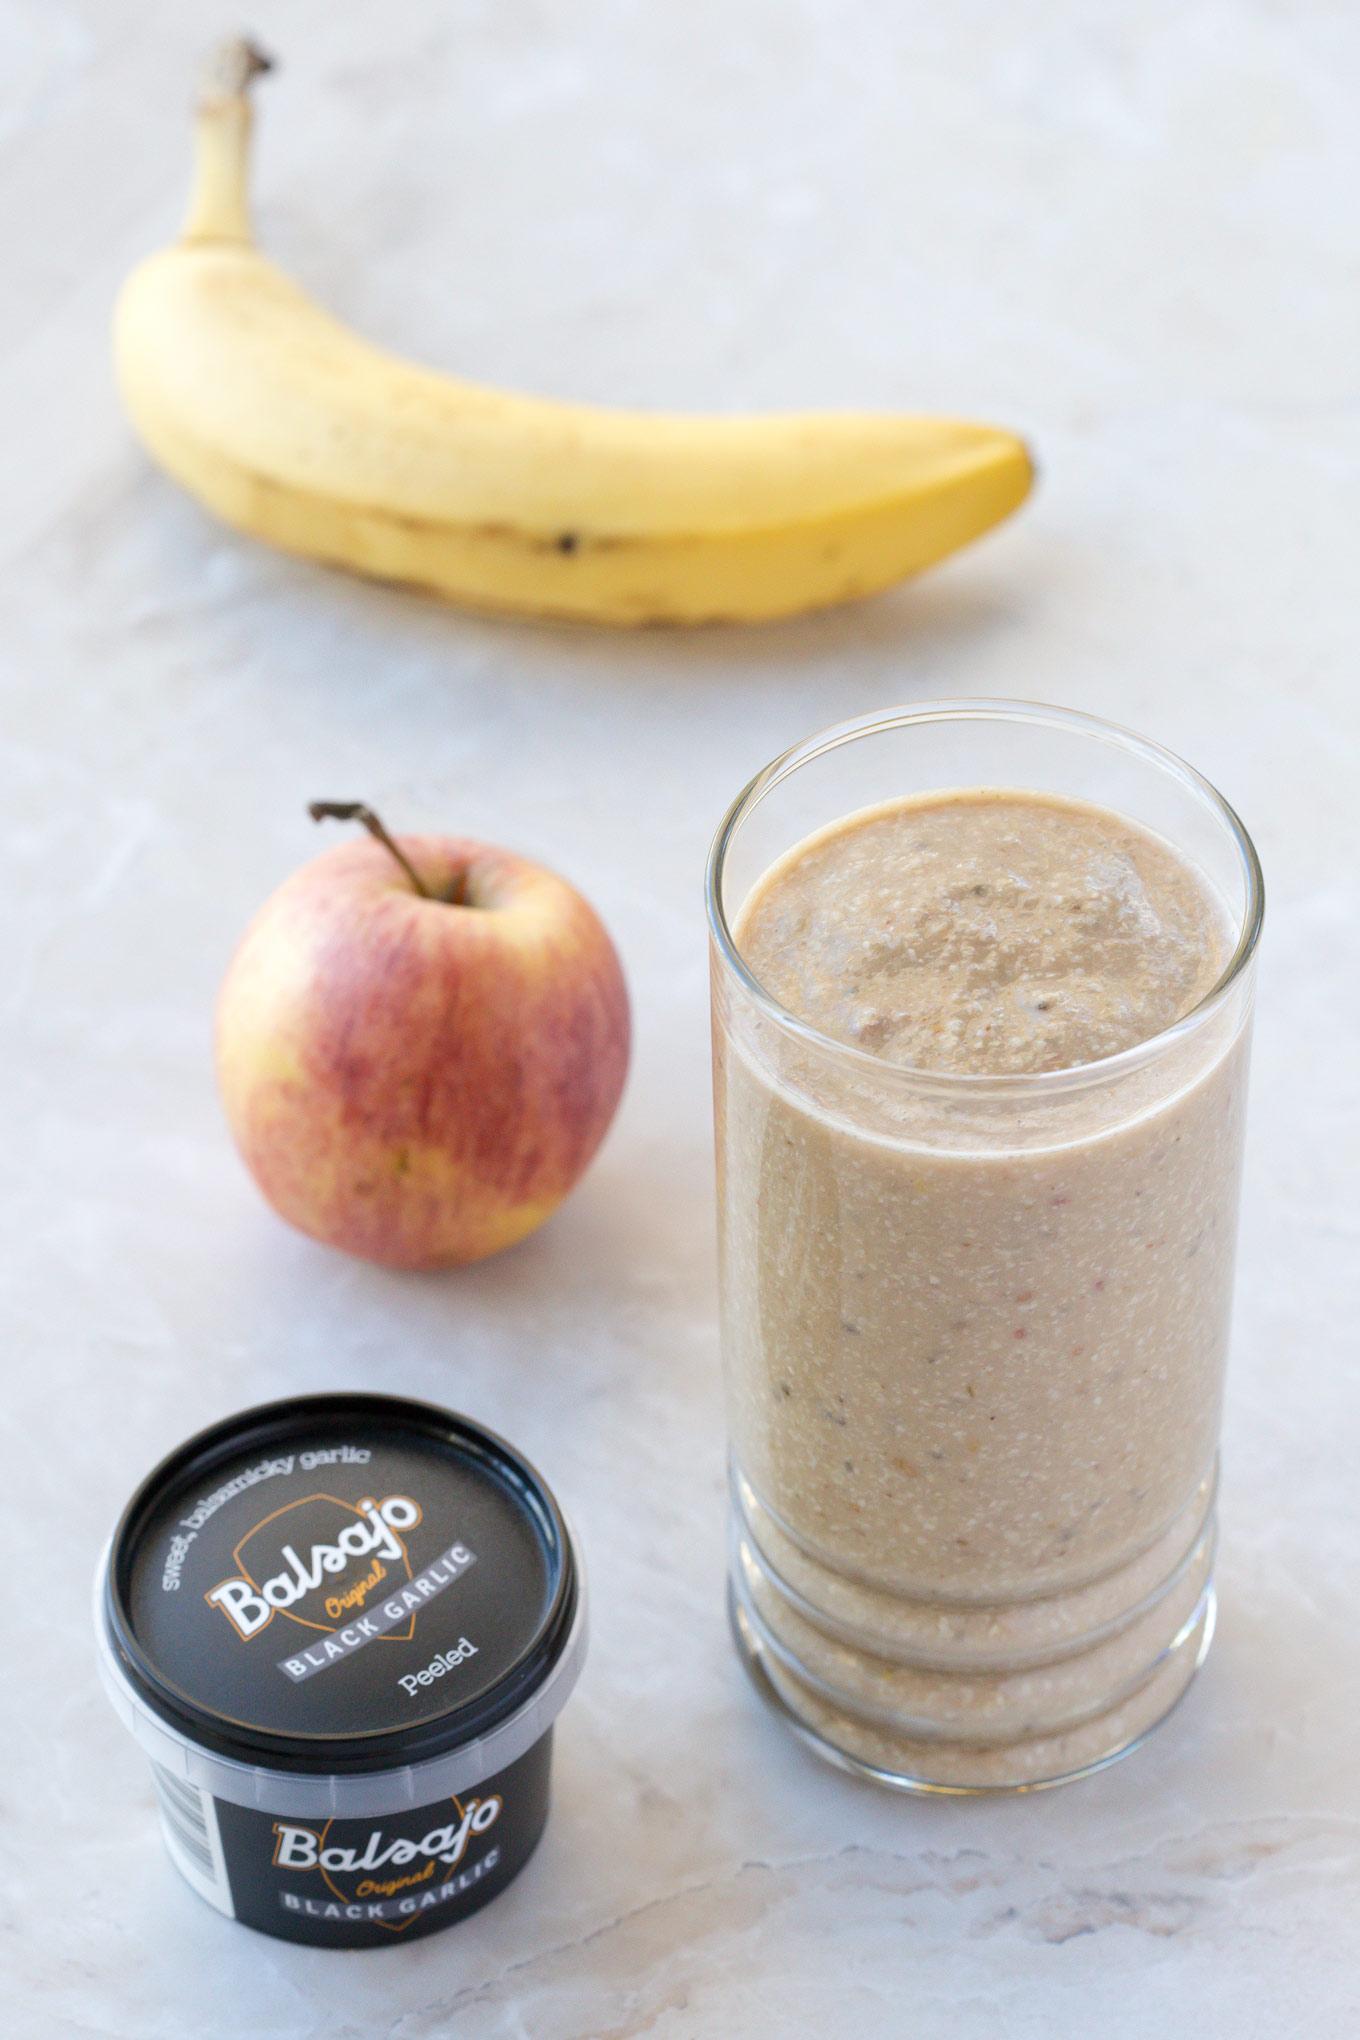 Vegan Banana and Black Garlic Smoothie Ingredients: apple, banana, black garlic